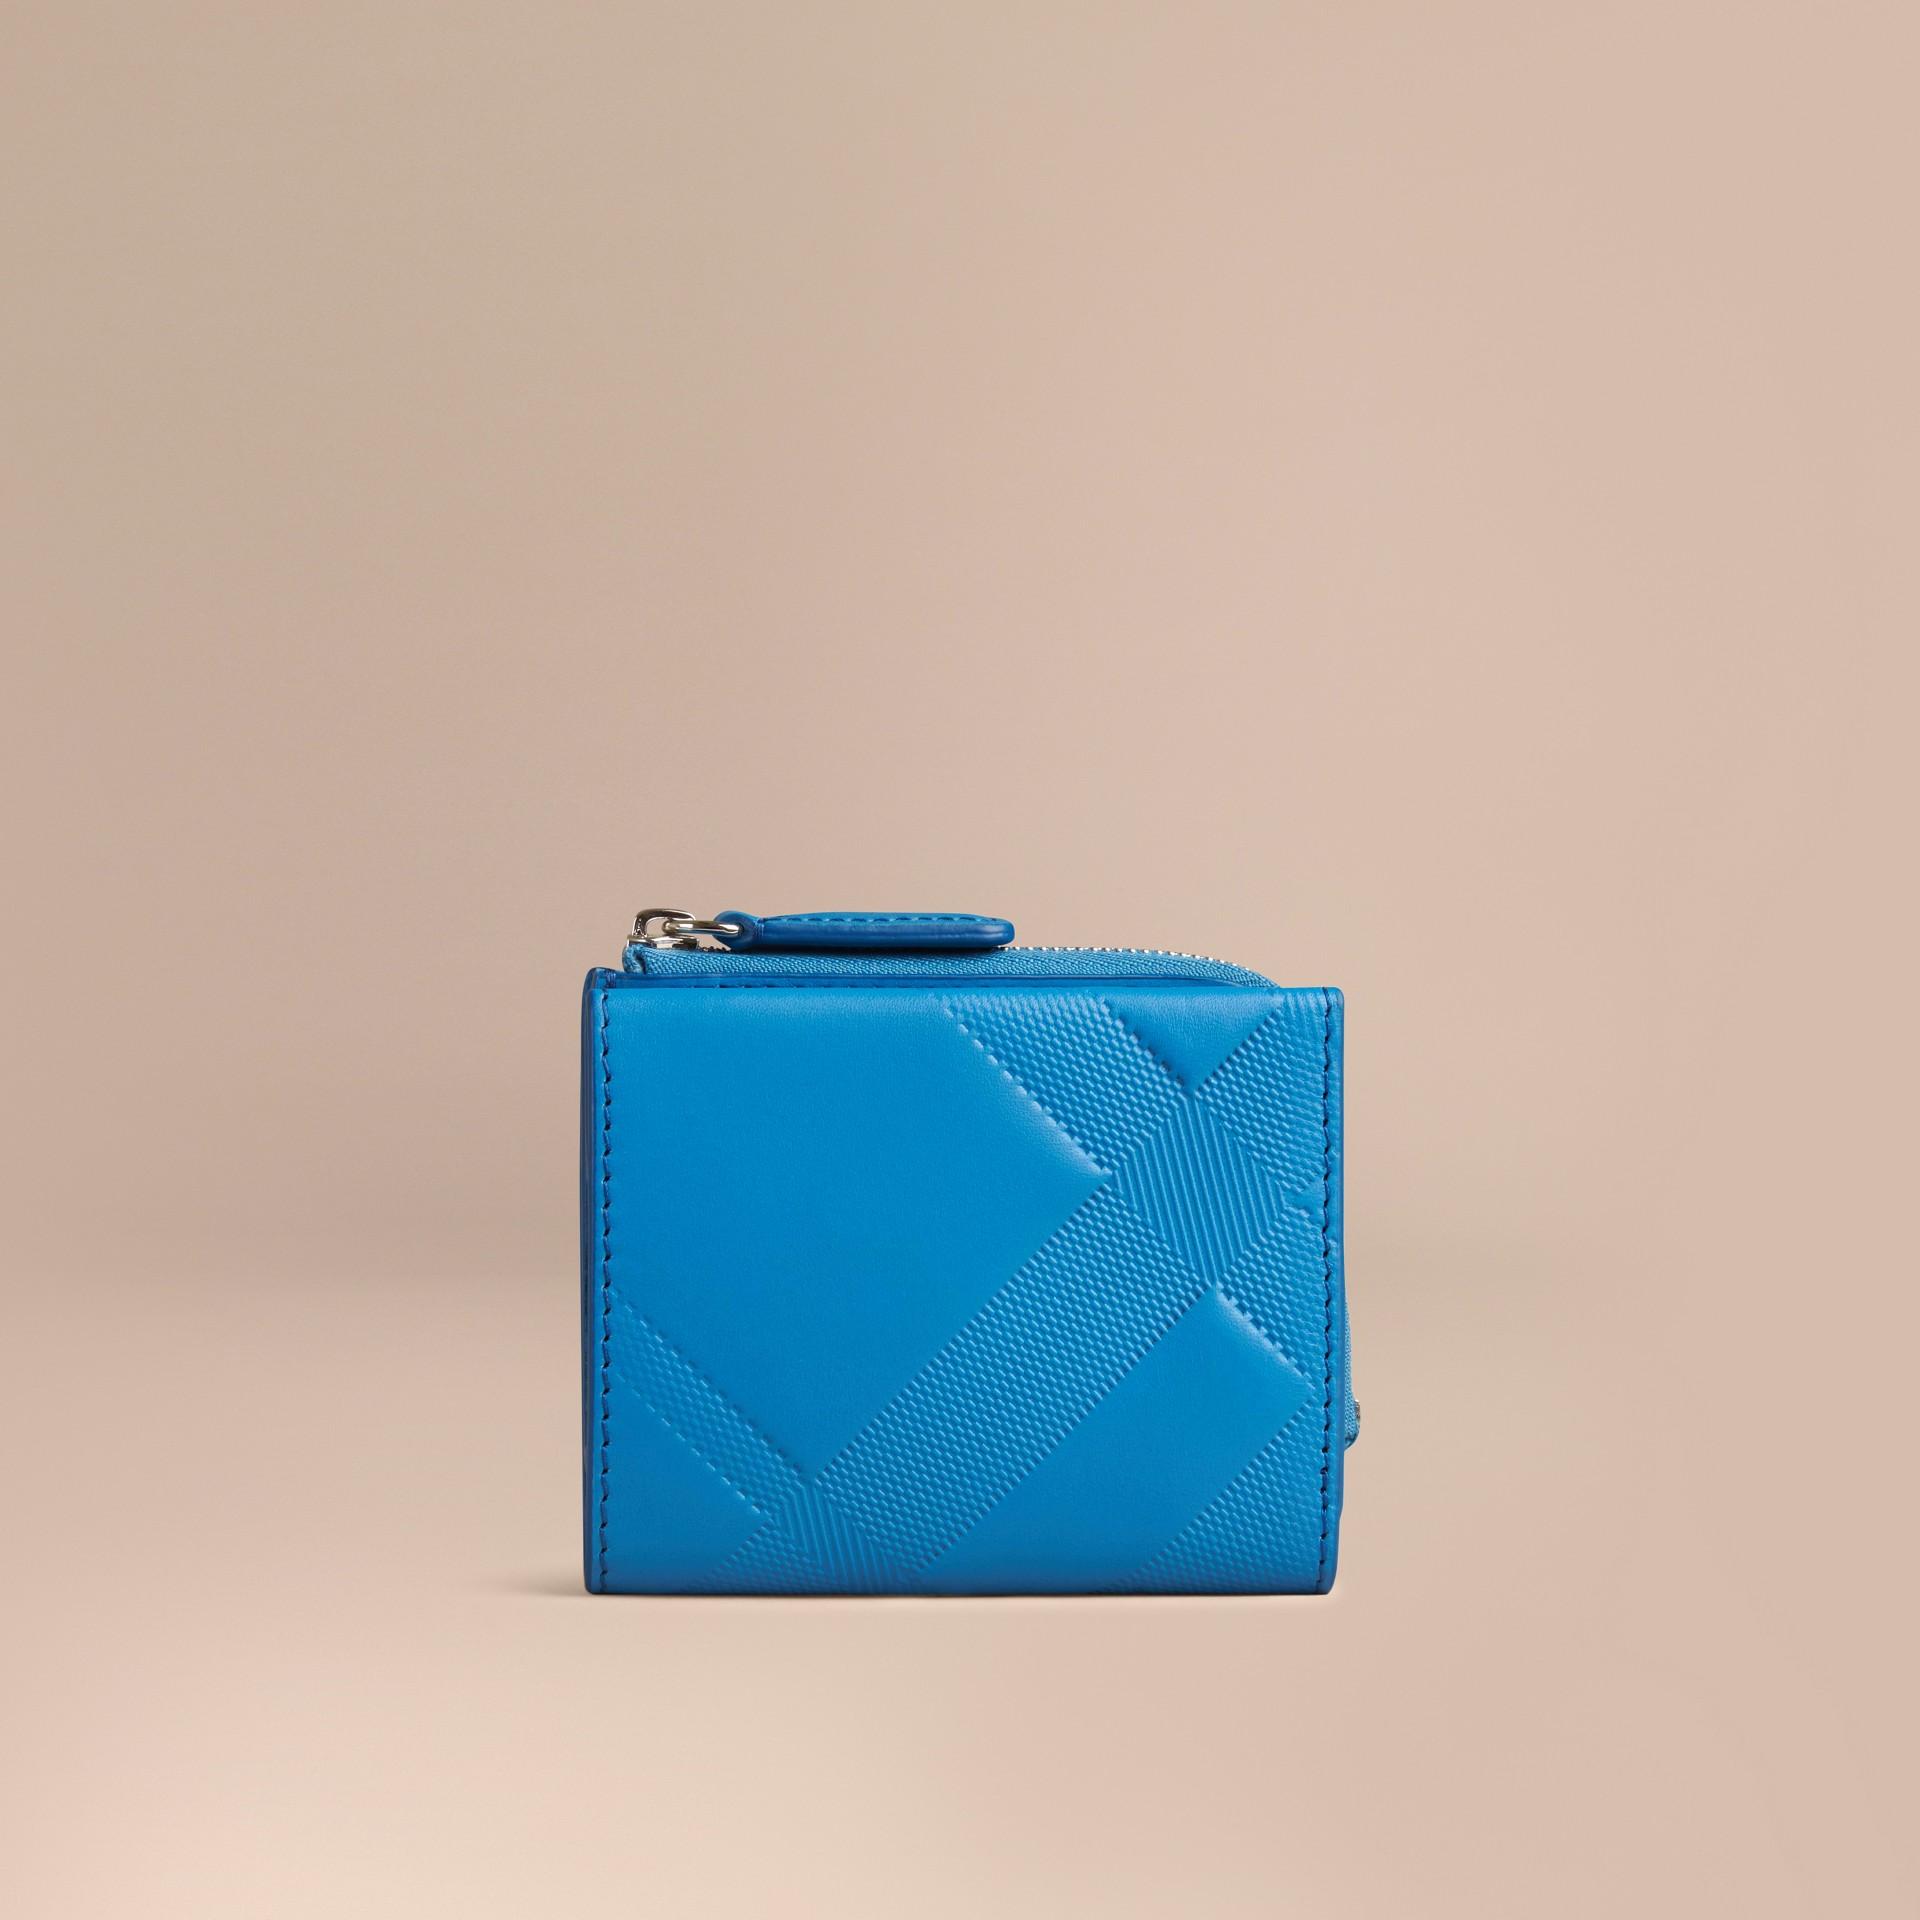 Azul azure Carteira dobrável de couro com padrão xadrez em relevo Azul Azure - galeria de imagens 3